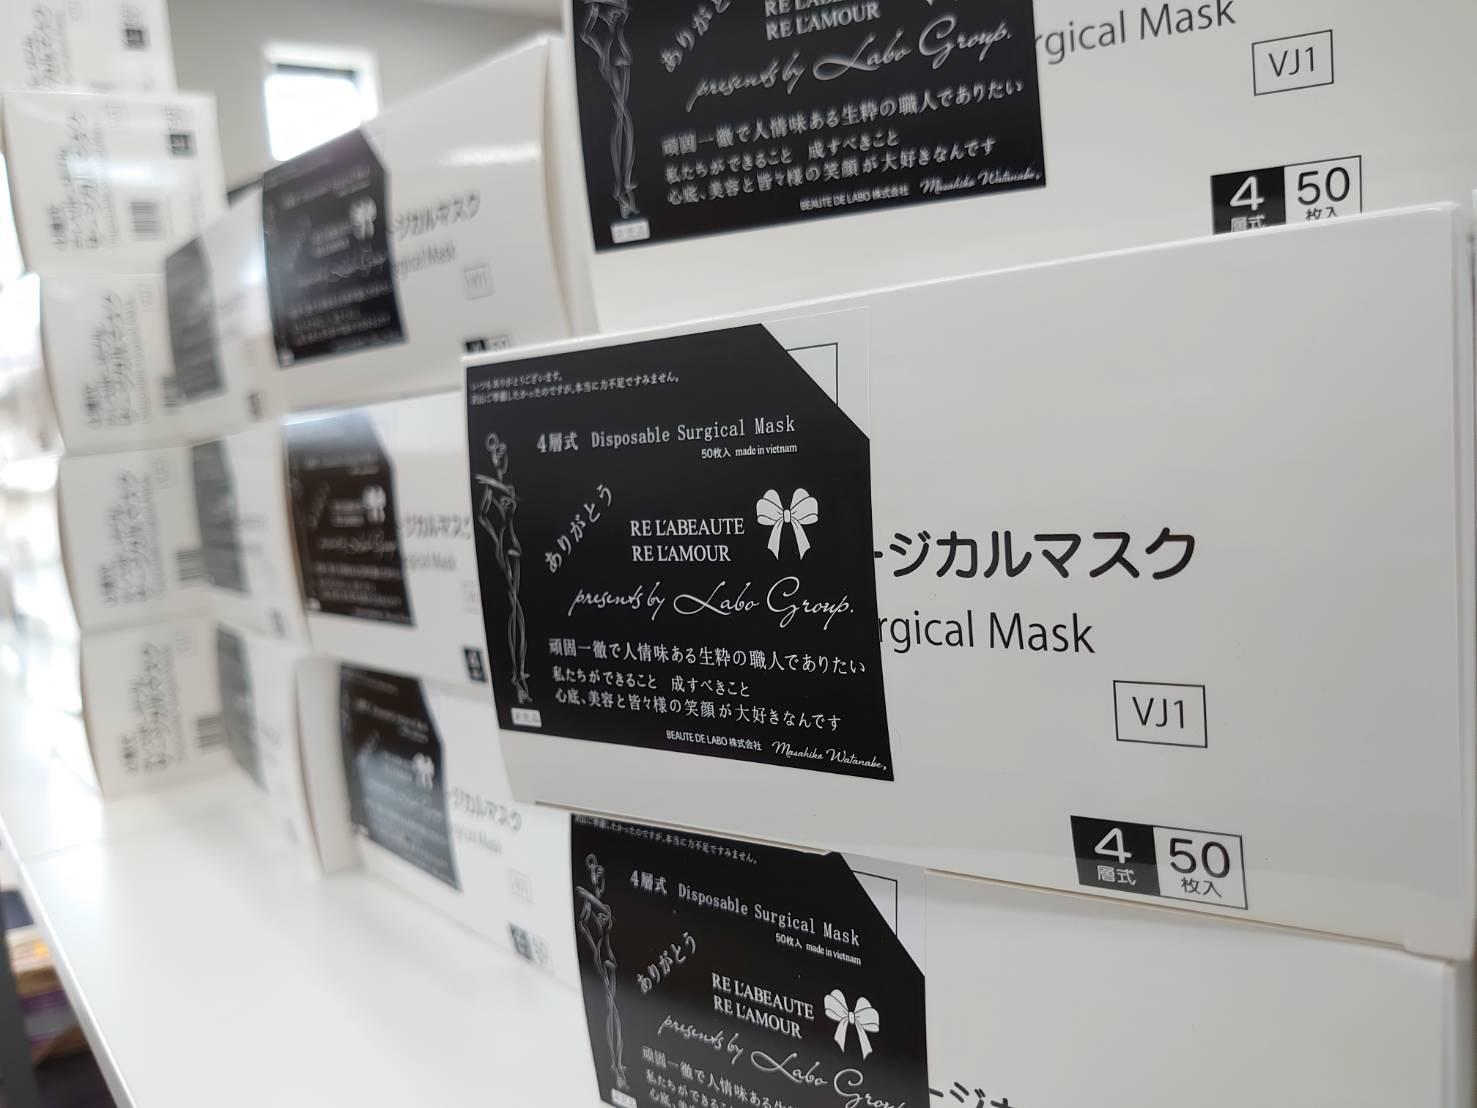 4層構造 サージカルマスク20,000枚を無料配布いたします